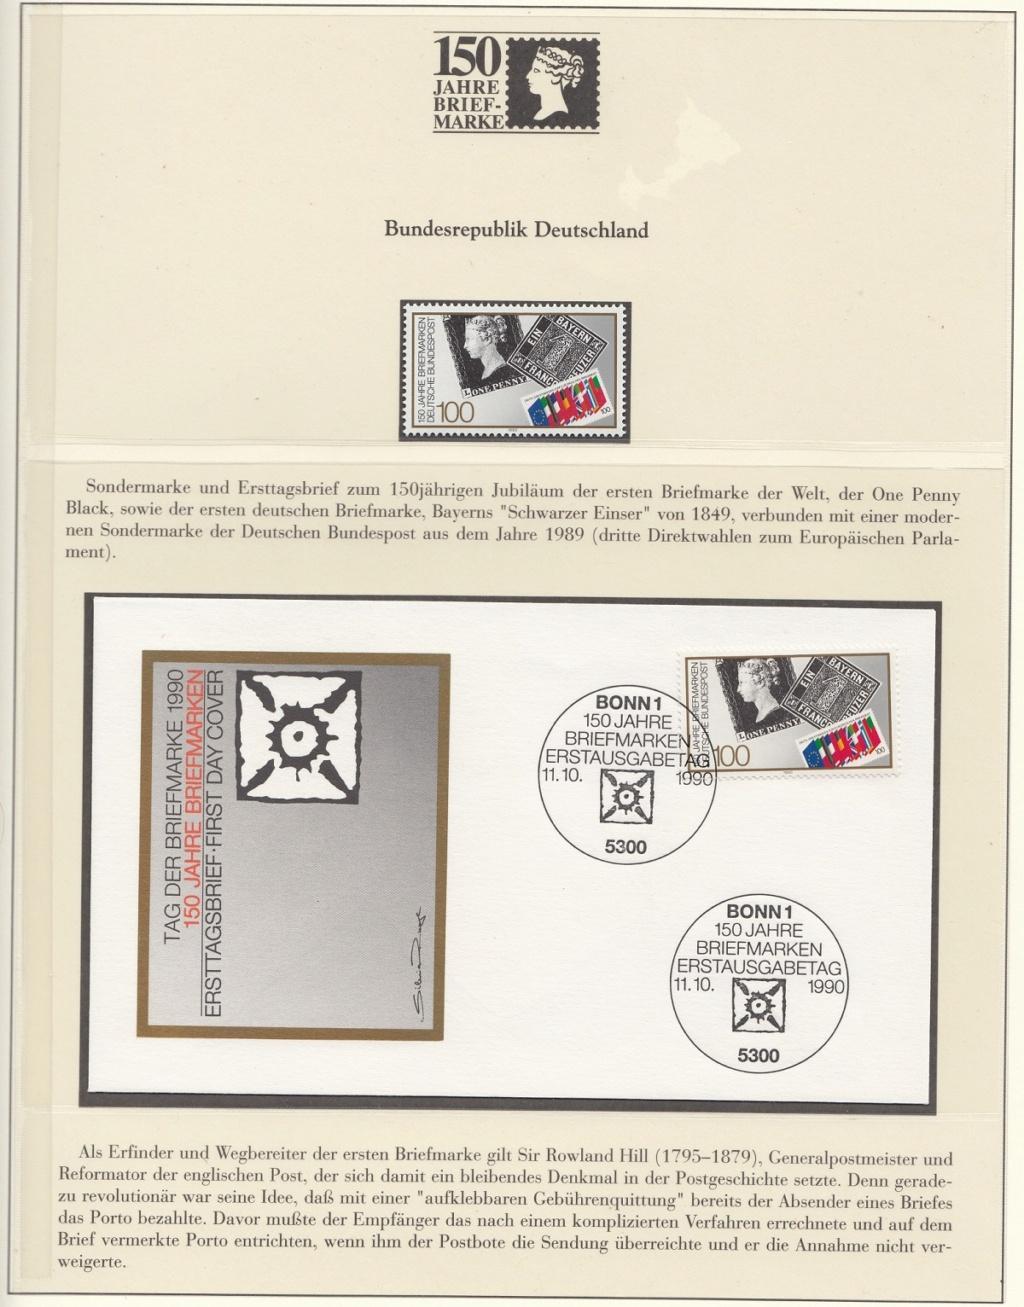 180 Jahre Briefmarke 150-2110